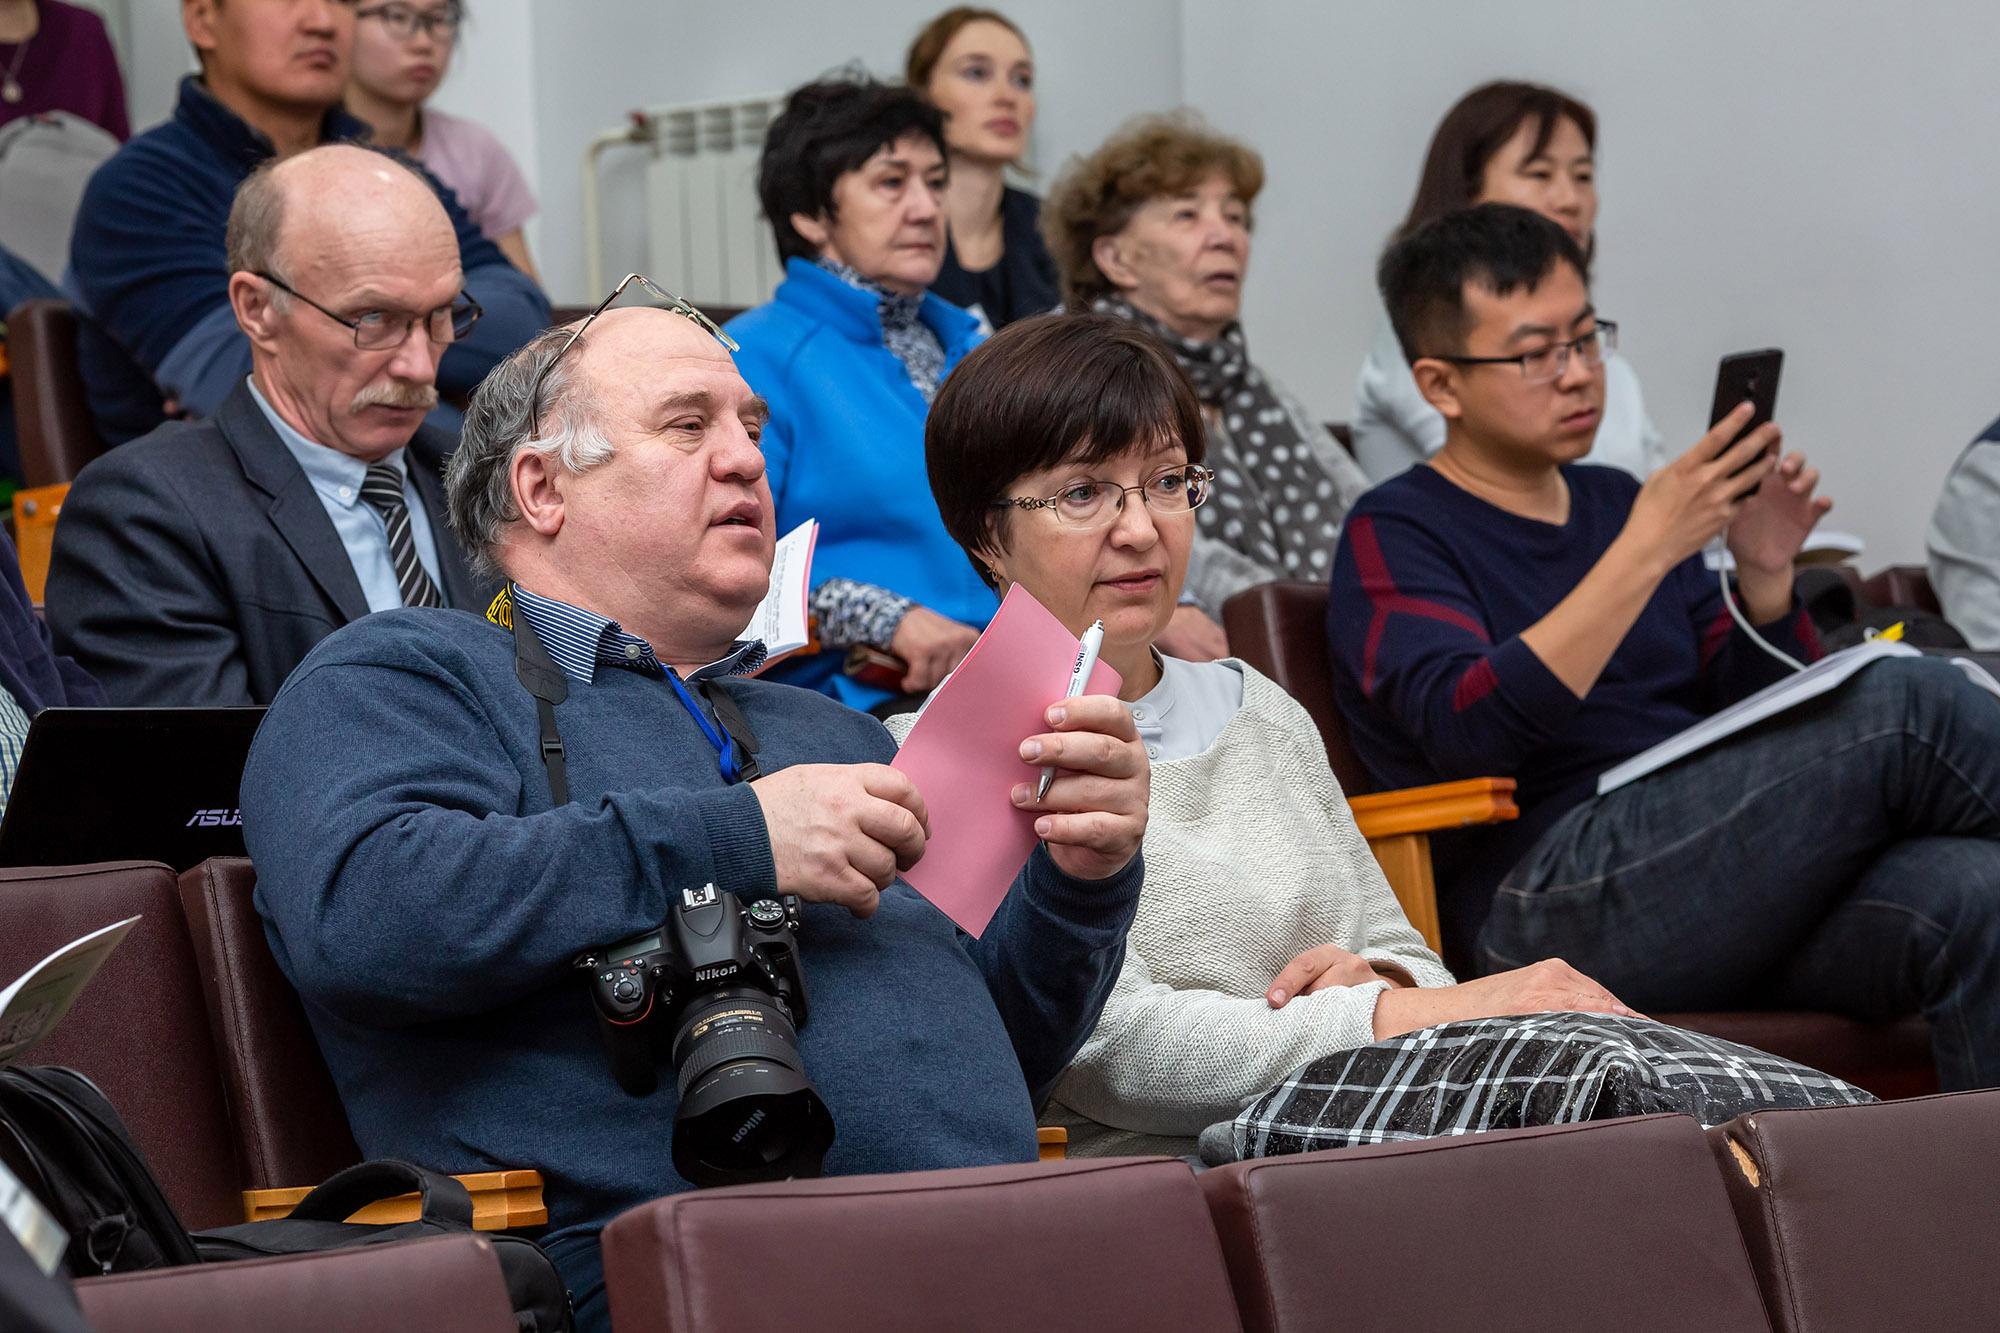 В Иркутске проходит всероссийское научное совещание «Геодинамическая эволюция литосферы Центрально-Азиатского подвижного пояса: от океана к континенту»